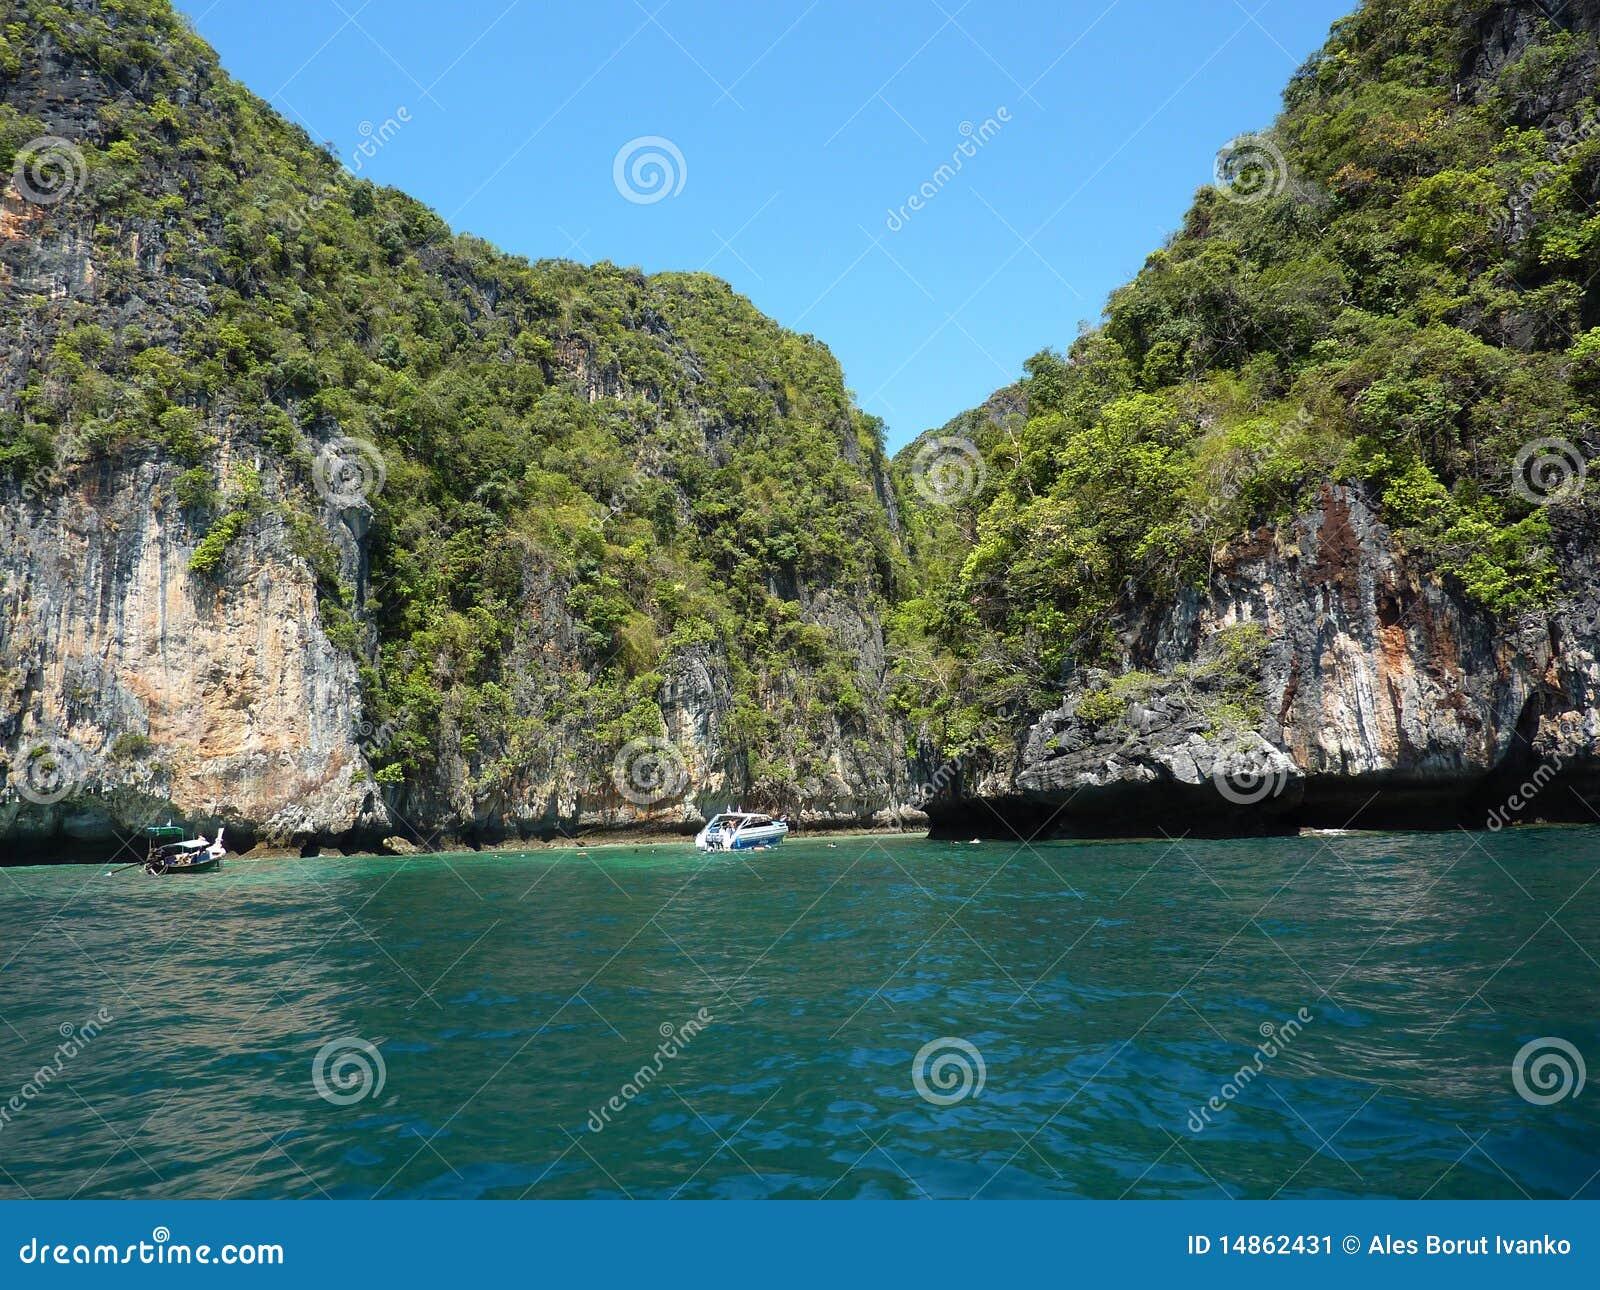 Hiden beach in Thailand